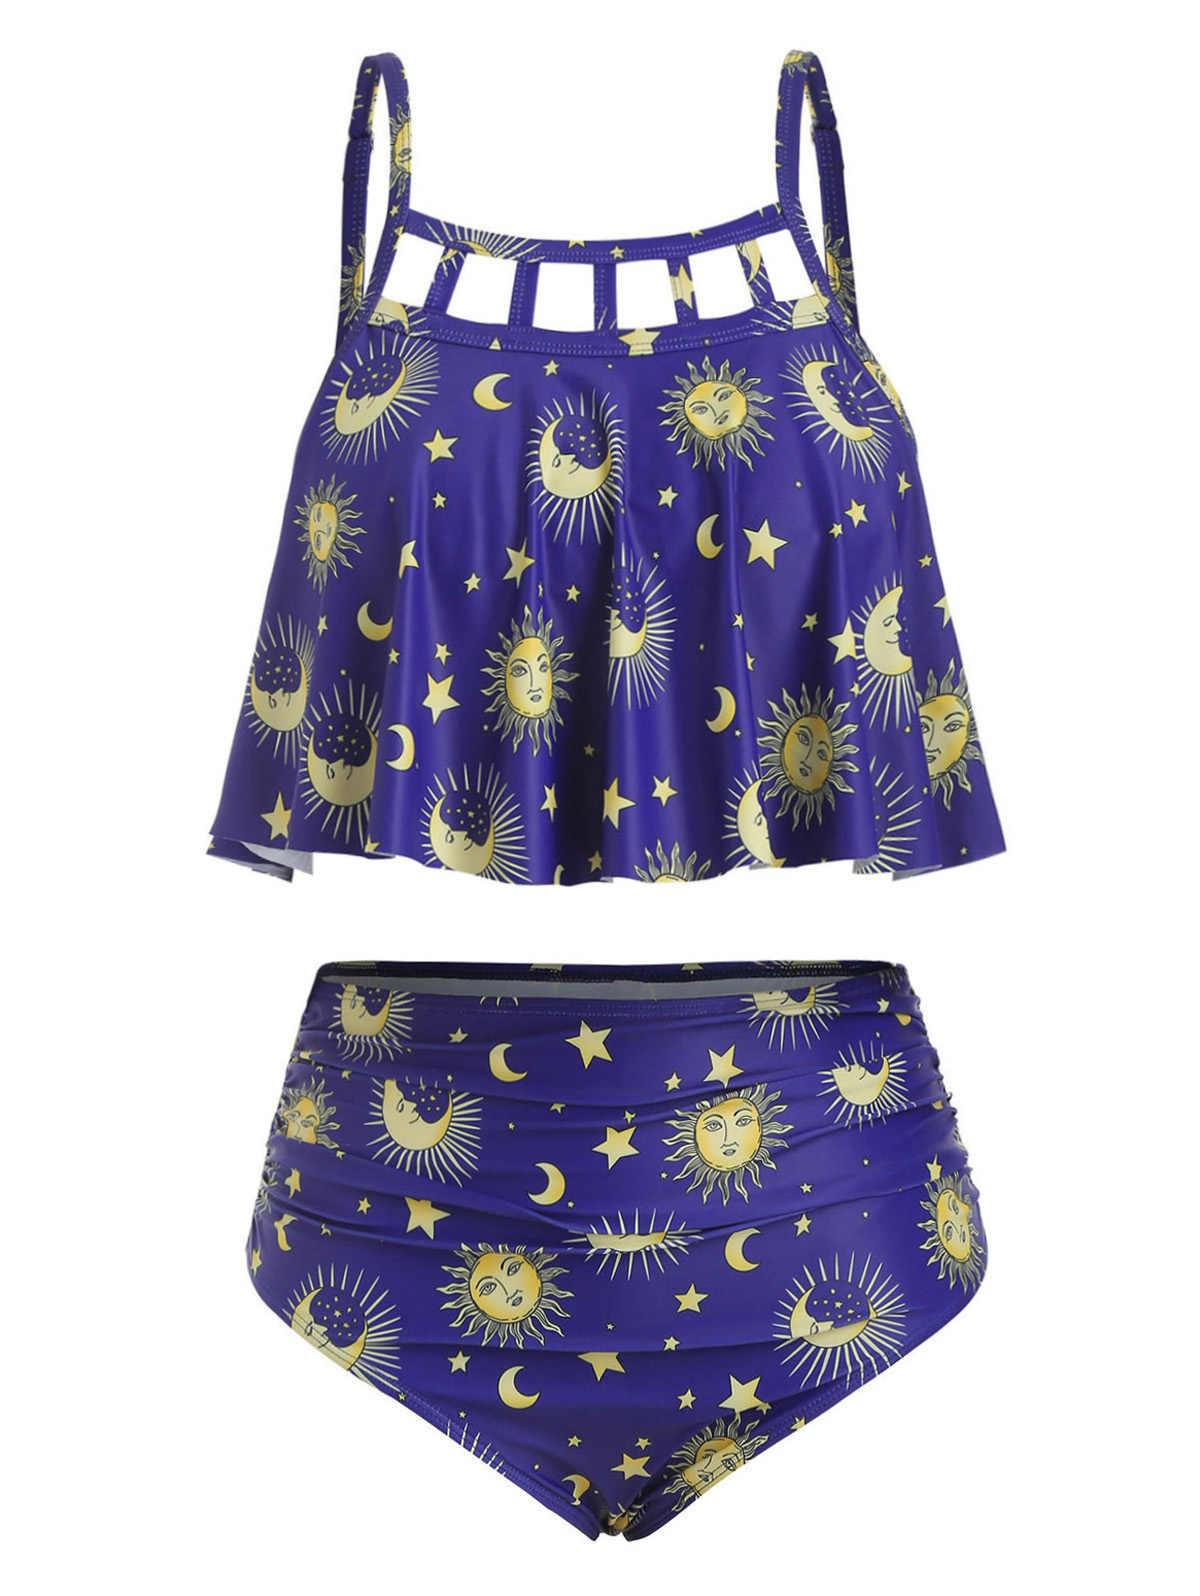 Wipalo, conjunto de Tankini con estampado de lunas de Sol de talla grande 5XL, traje de baño de dos piezas con recortes, ropa de playa para mujer, 2019